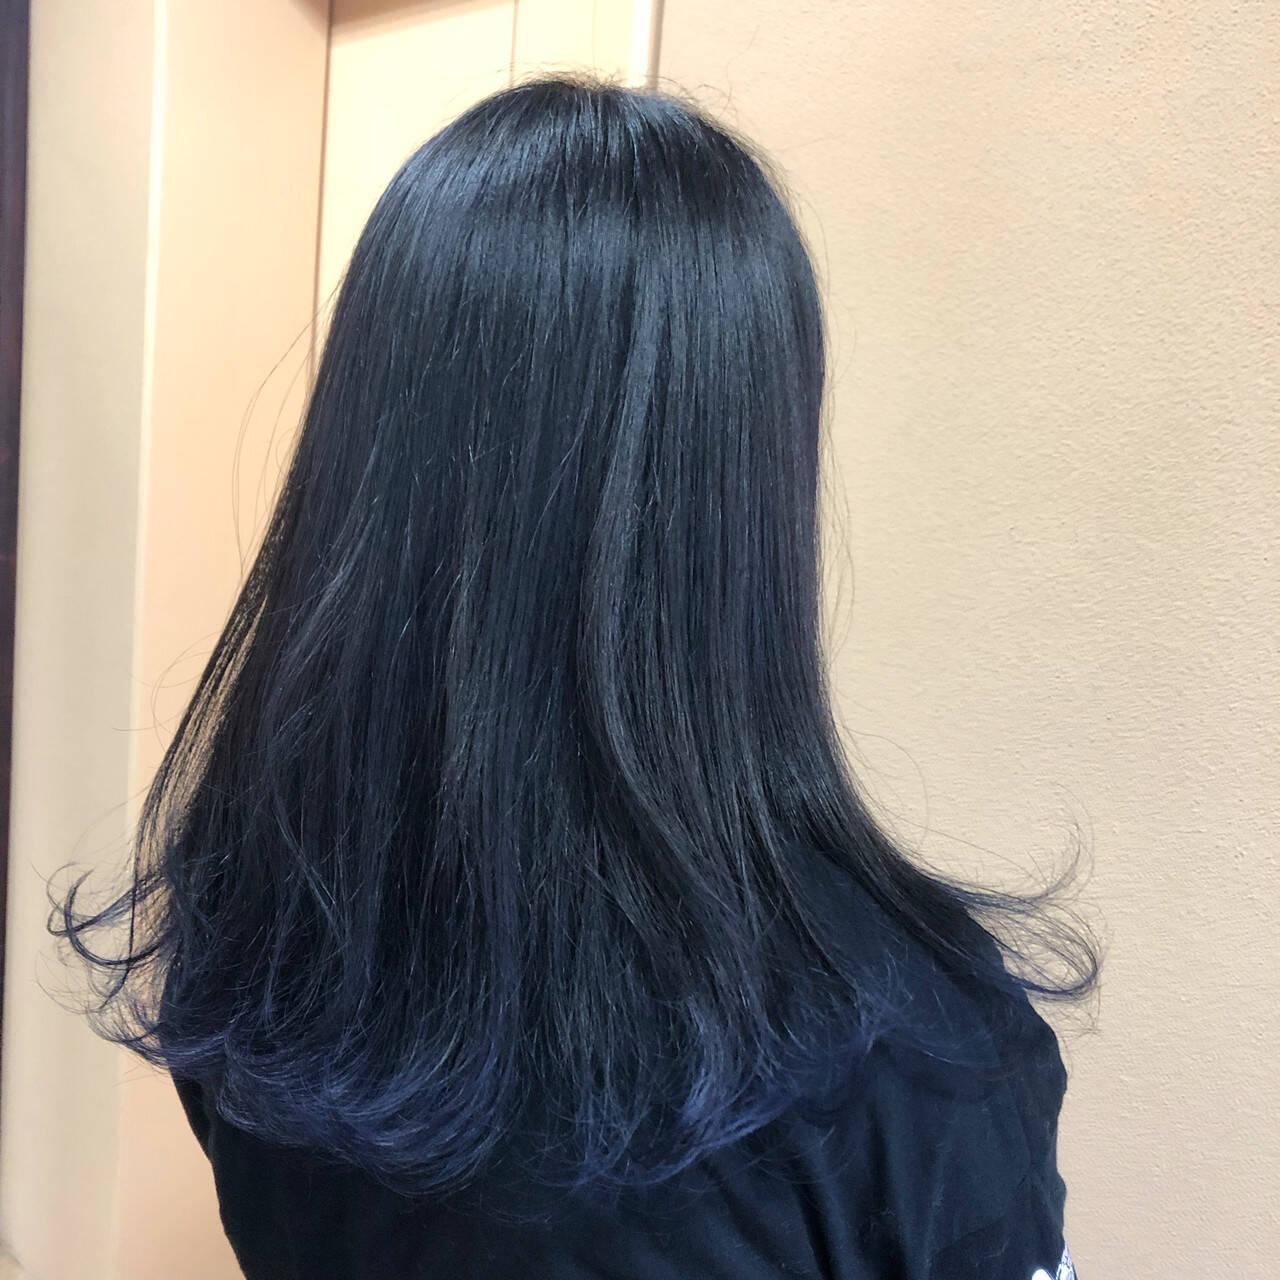 モード ロング ネイビーヘアスタイルや髪型の写真・画像